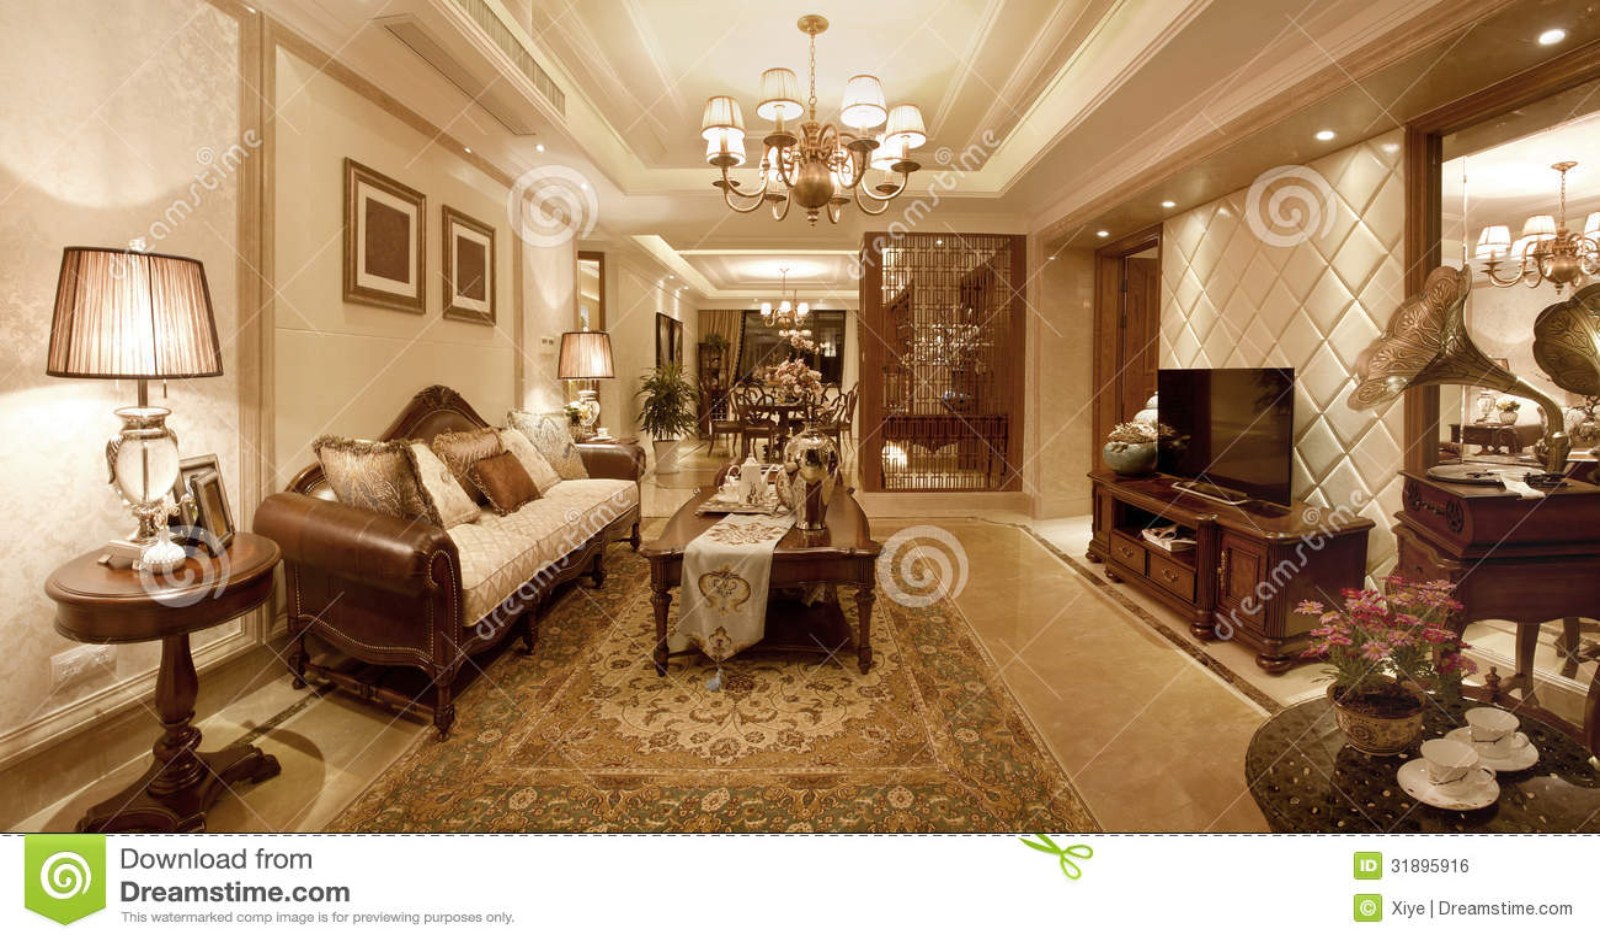 wohnzimmer klassisch lizenzfreies stockbild - bild: 31895916, Wohnzimmer